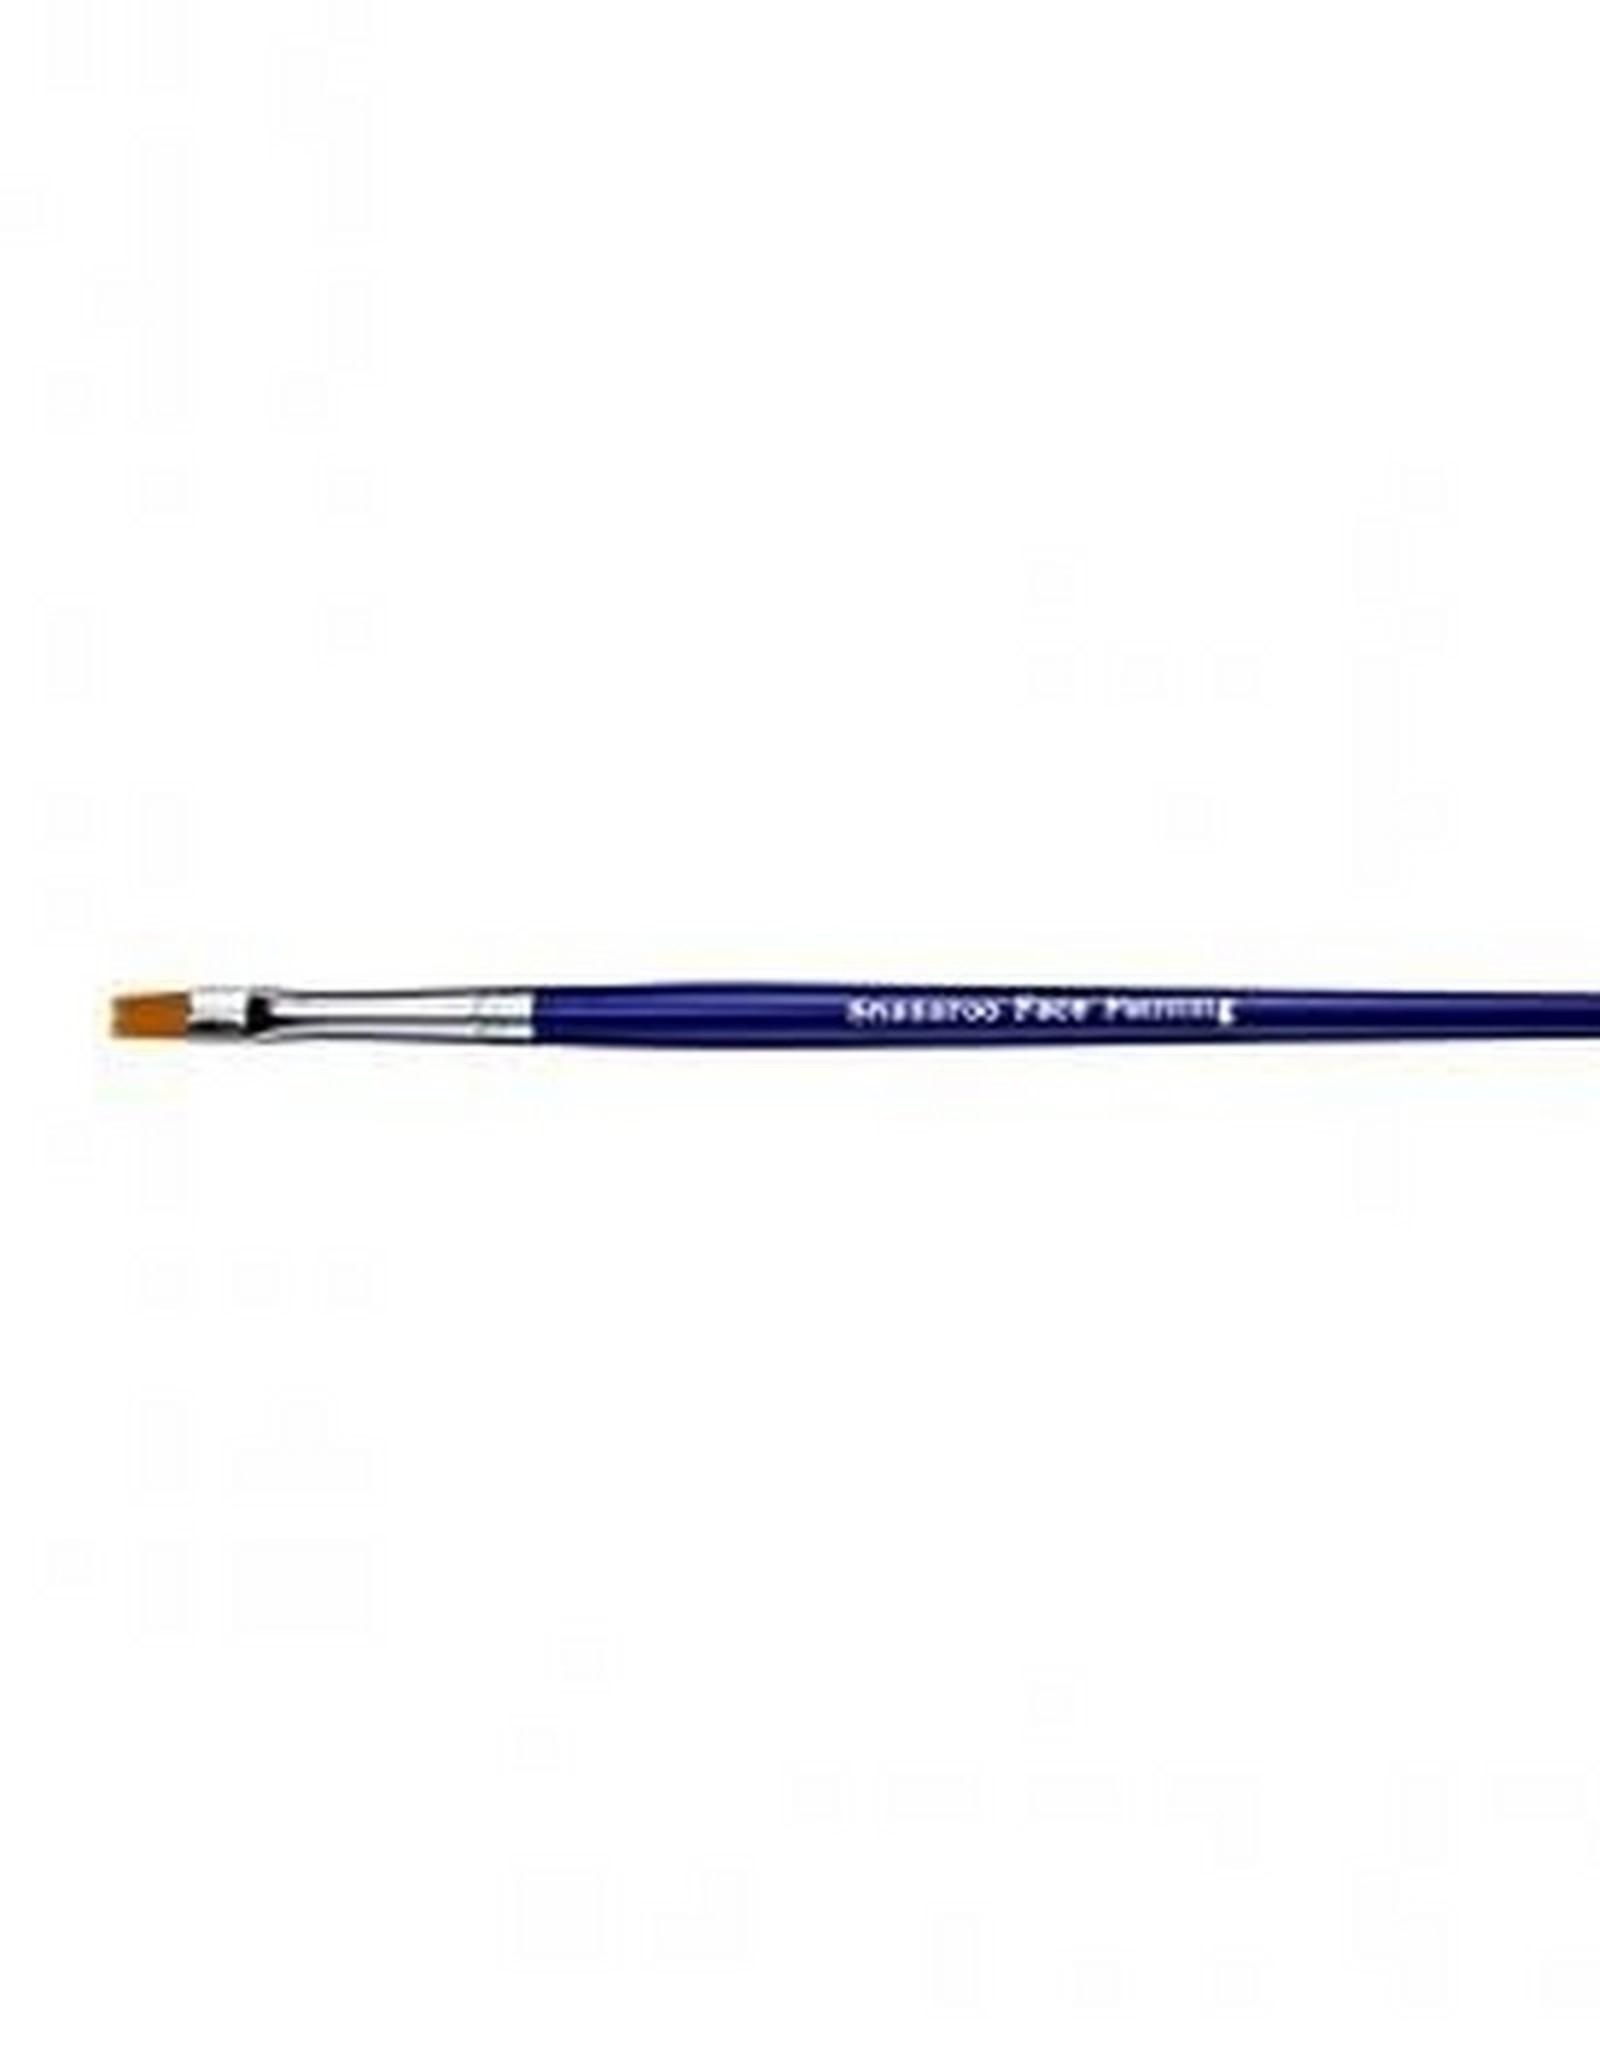 Snazaroo penseel blauw fijn plat rechthoekig